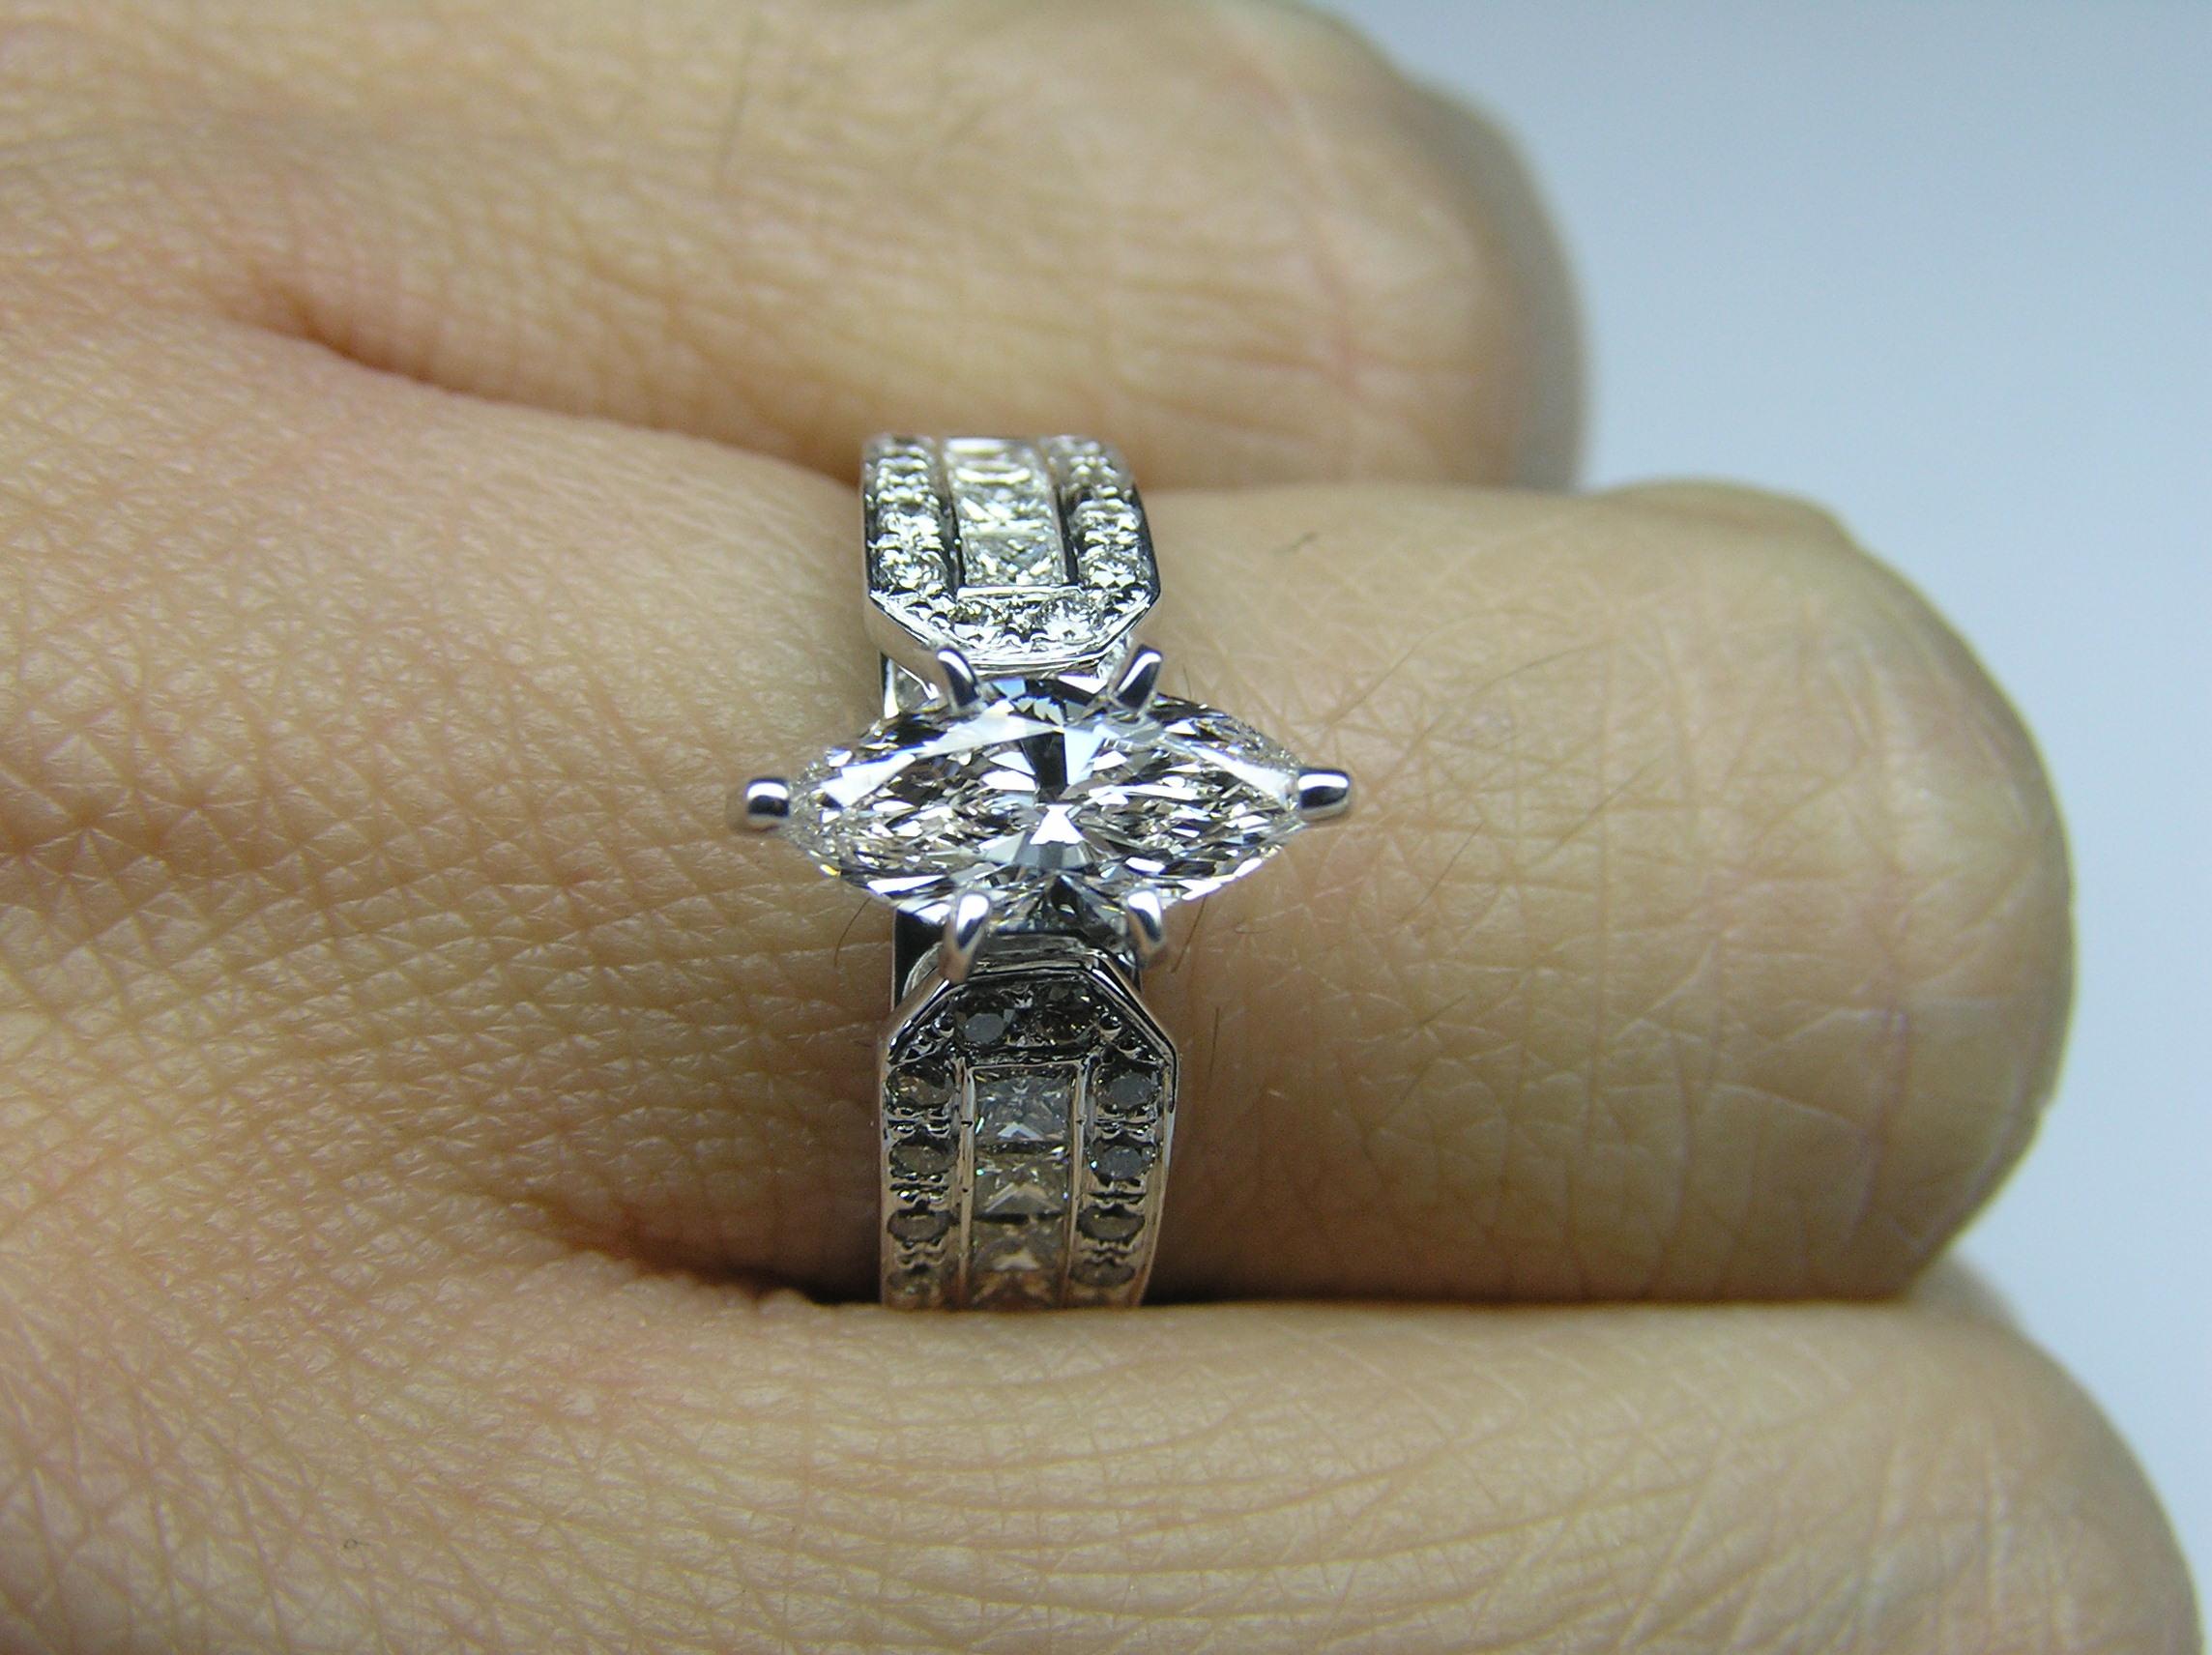 engagement ring marquise diamond vintage horseshoe engagement ring 06 tcw in 14k white gold es591mqd - Horseshoe Wedding Rings